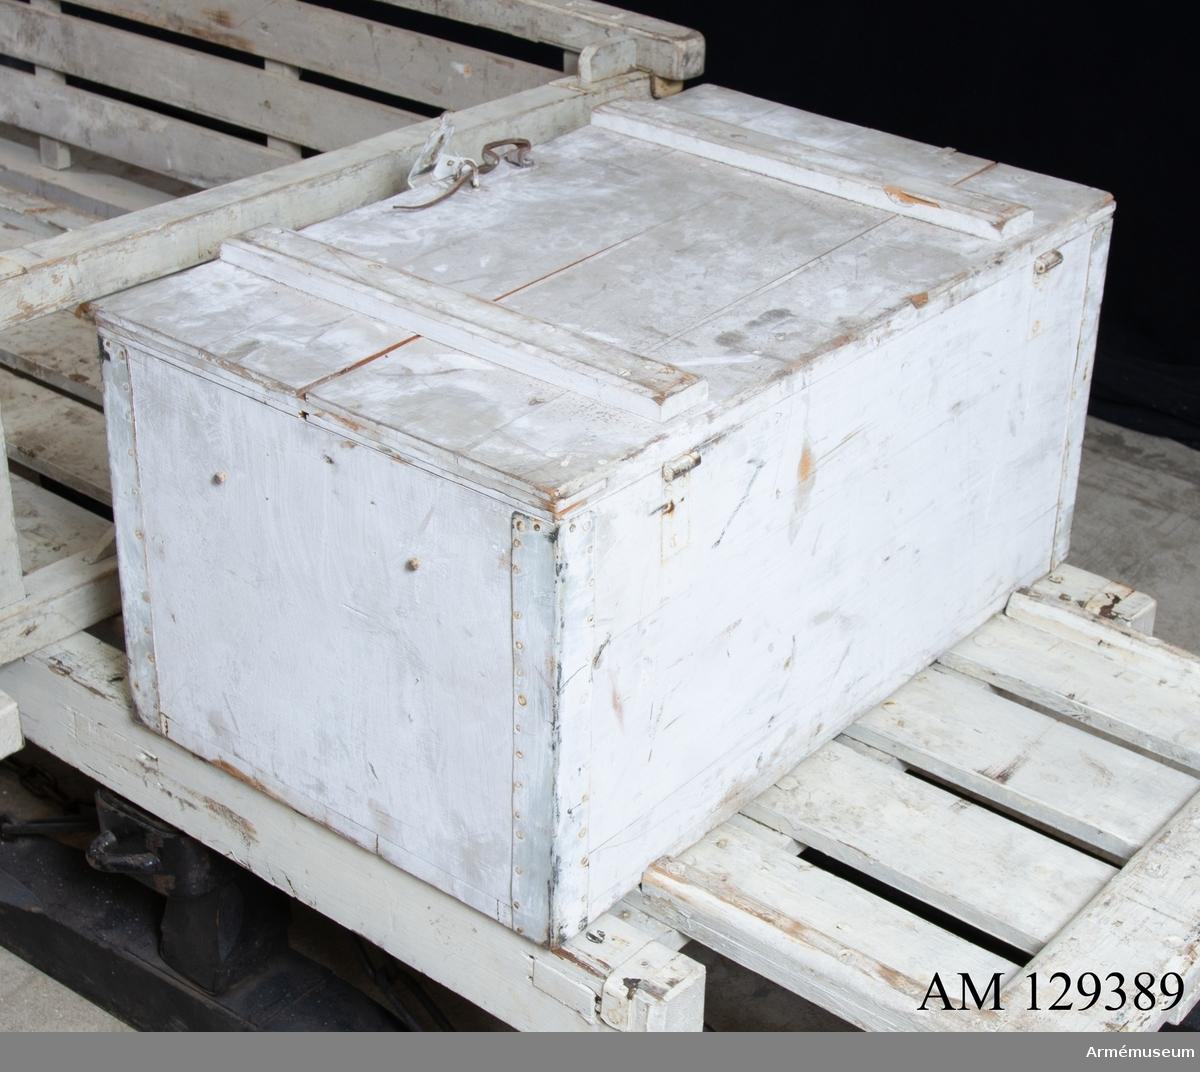 Låda med inredning till lång, vit släde.  Bultar, brickor, muttrar, låssprintar i lådan. 2 av varje, för infästning i släden. Med två brickor med sprintar för kälkarnas infästning i släden. 77x48x38 cm